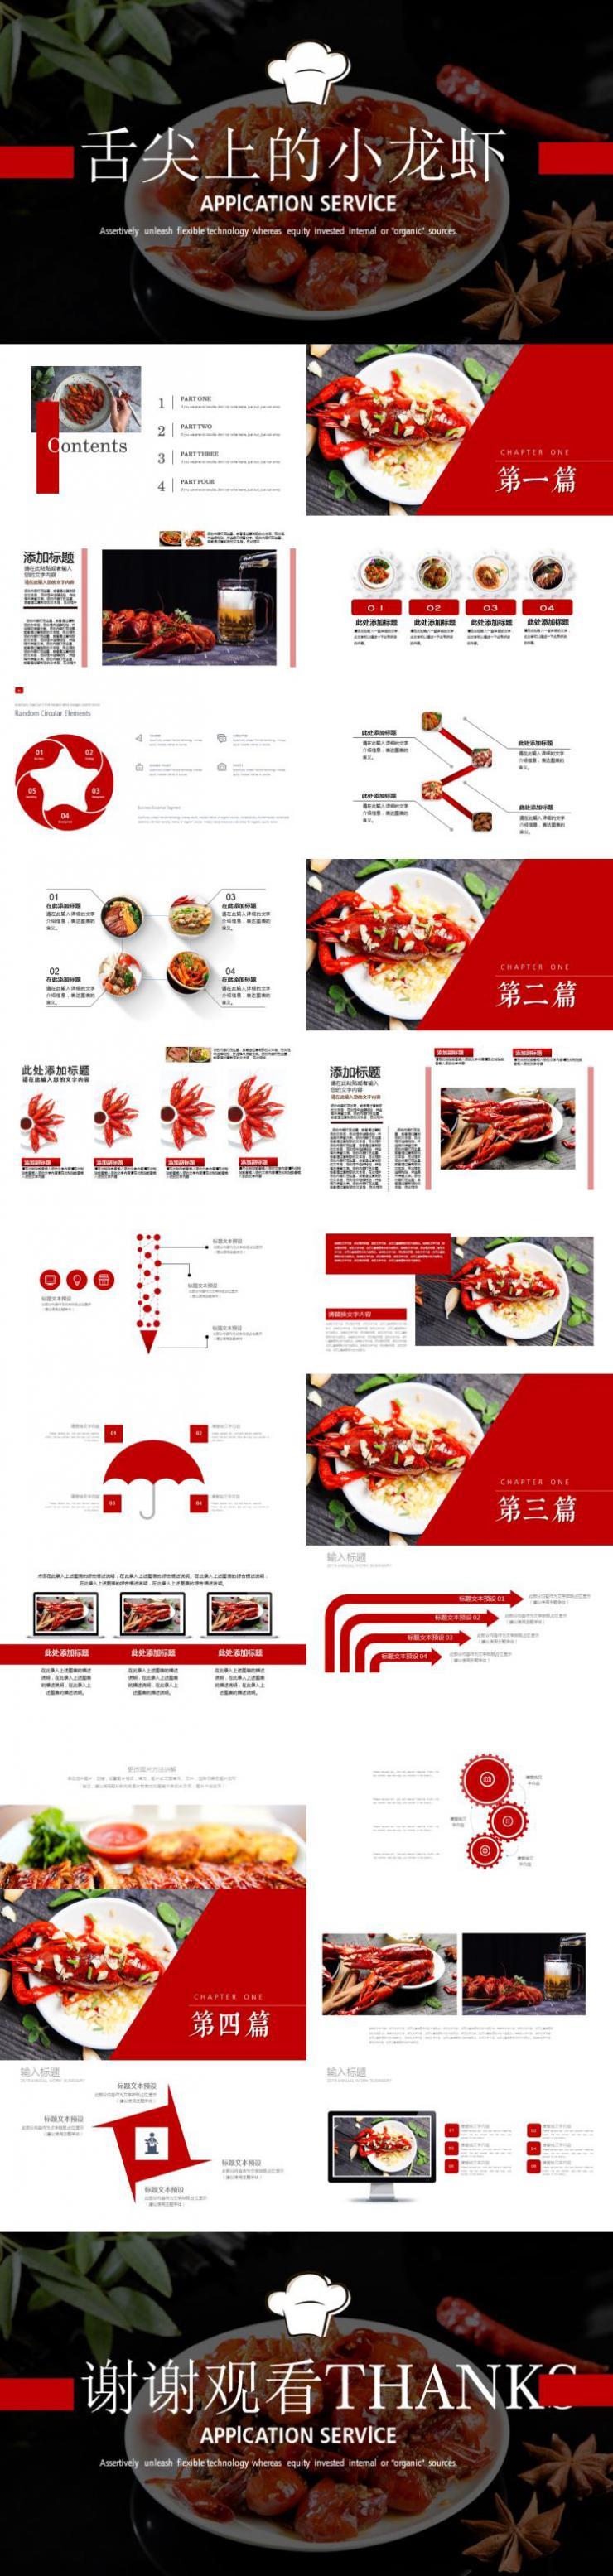 创意风舌尖上的小龙虾美食宣传PPT模板